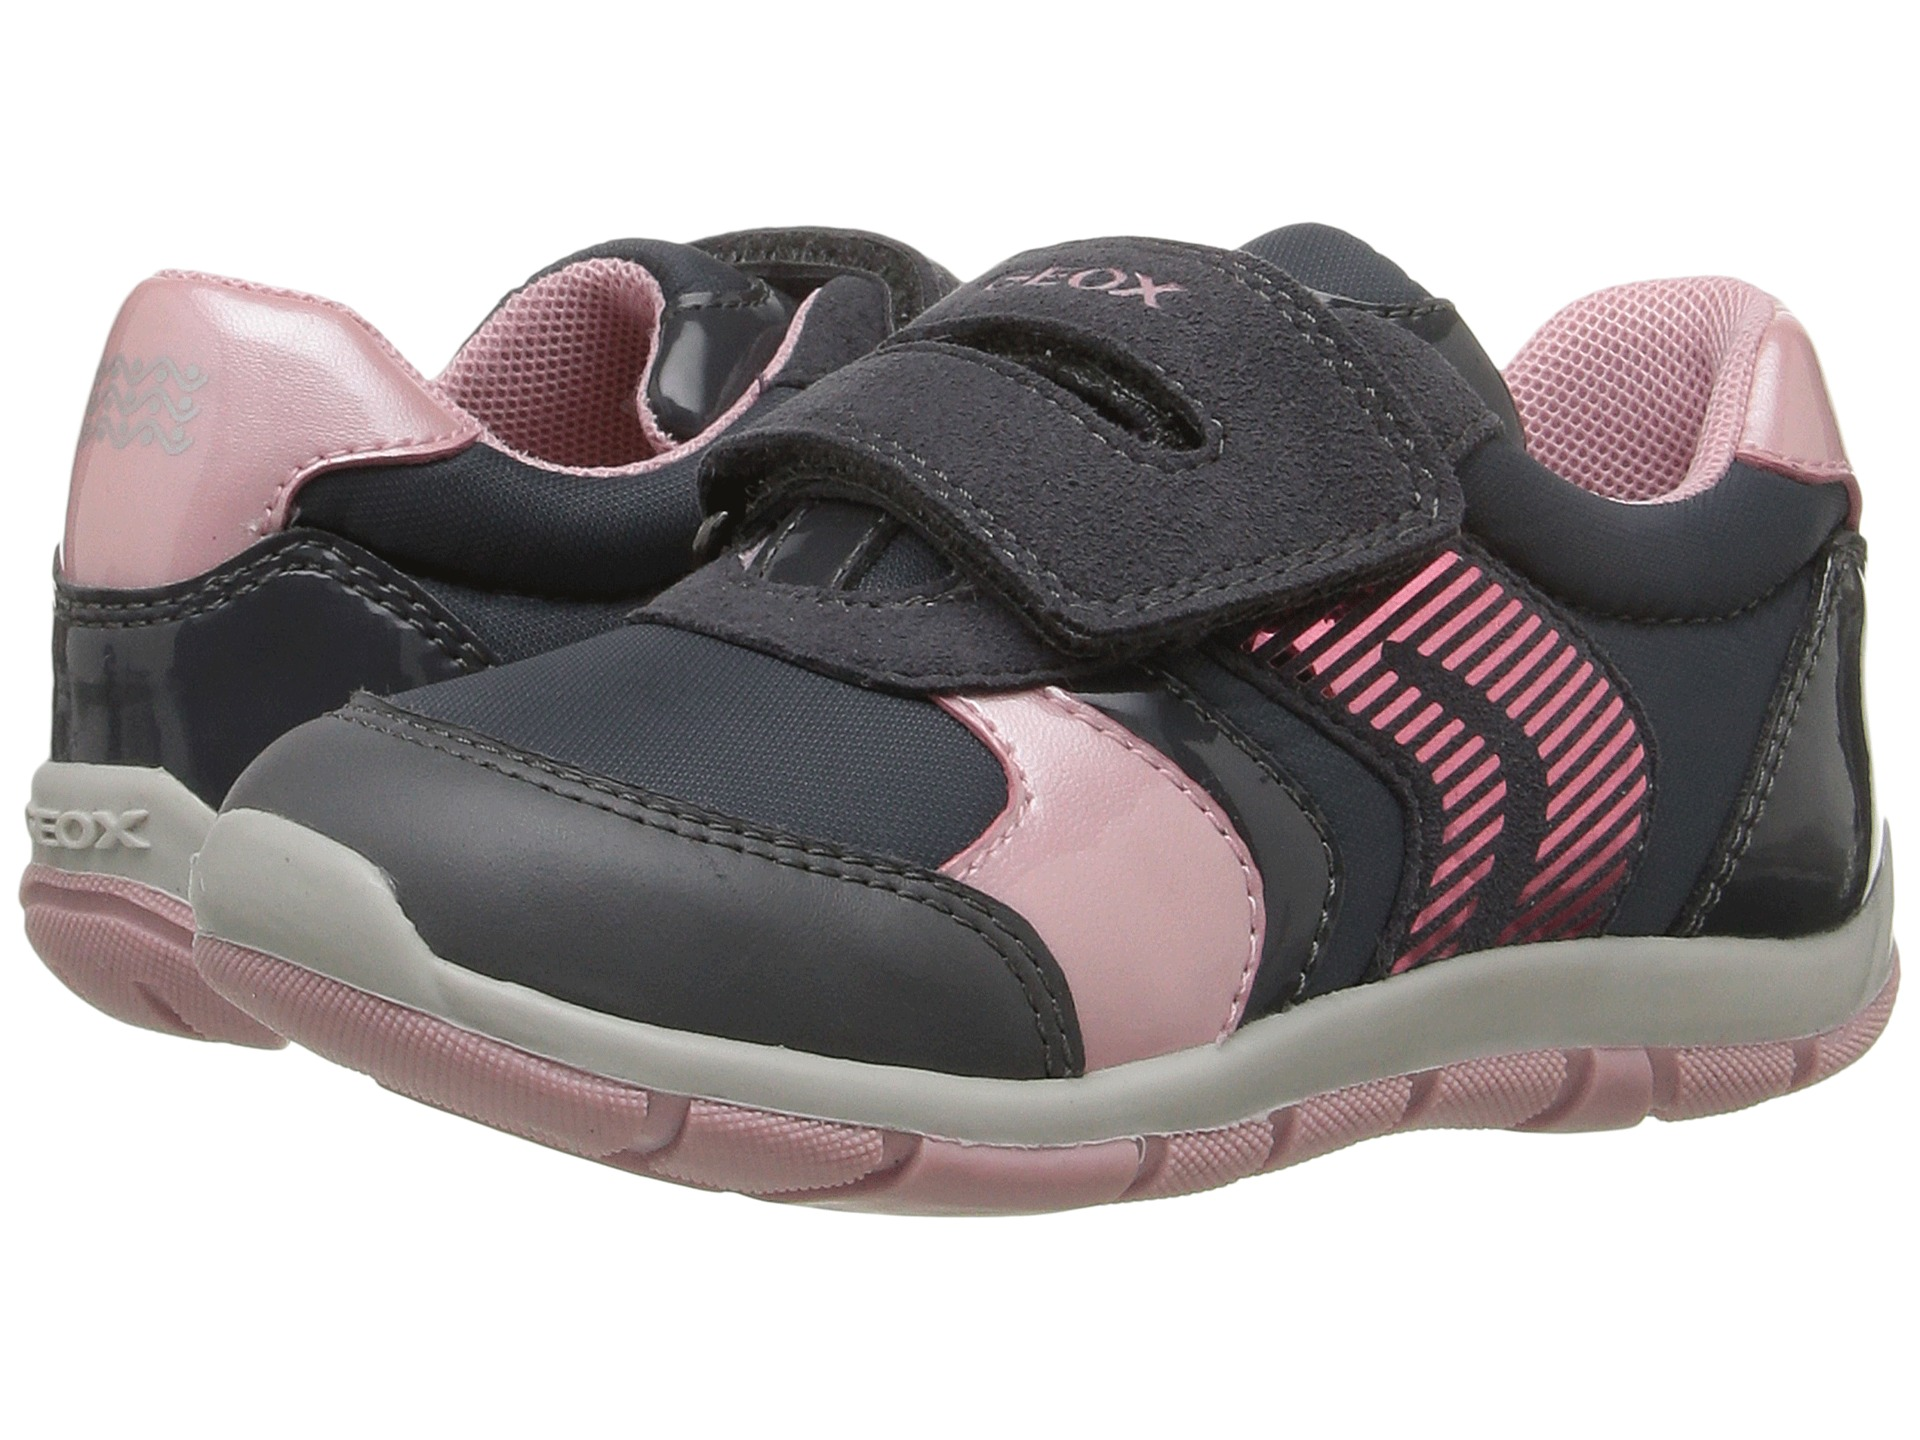 Geox Kids Baby Shaax Girl 13 Toddler Dark Grey Pink